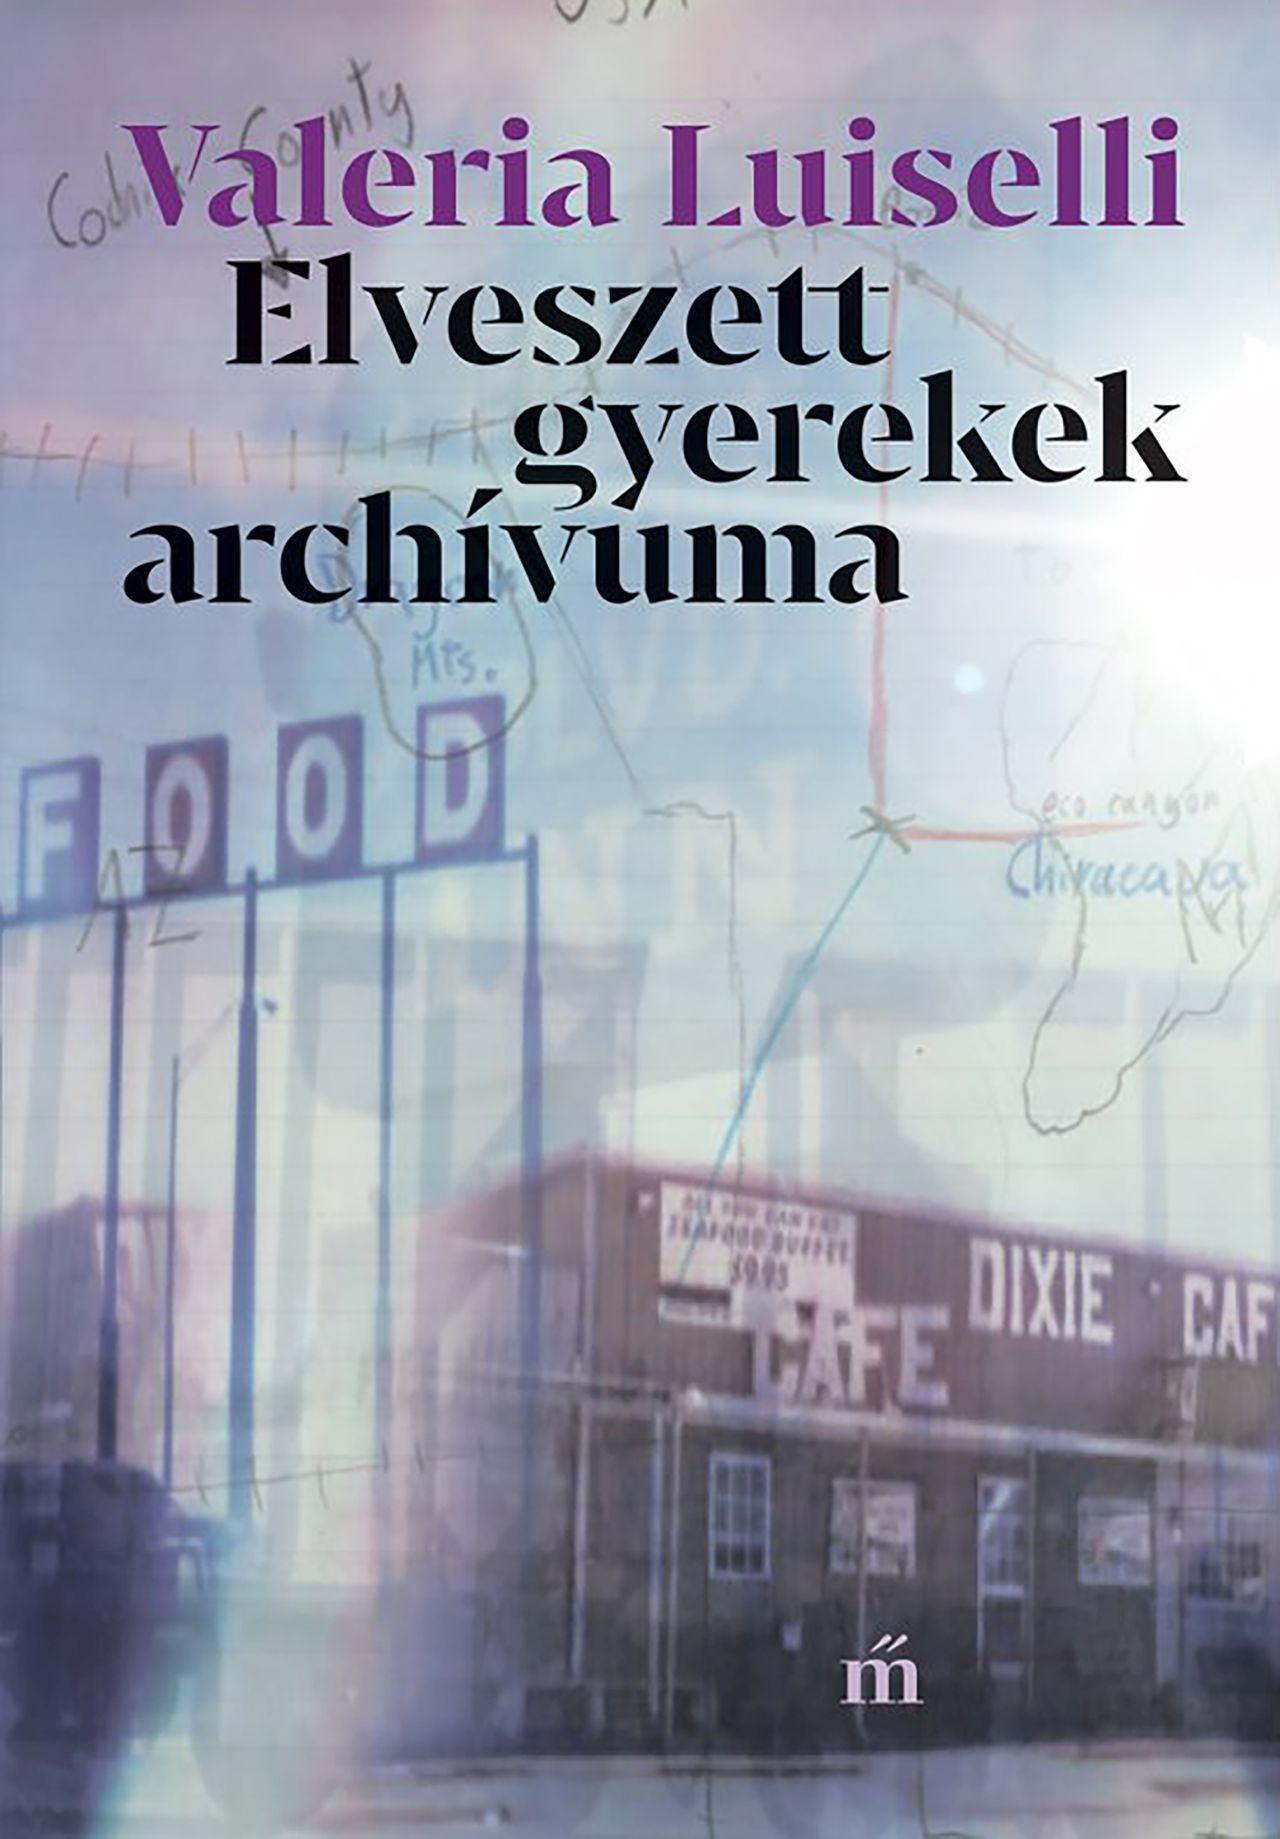 Luiselli, Valeria - Elveszett gyerekek archívuma